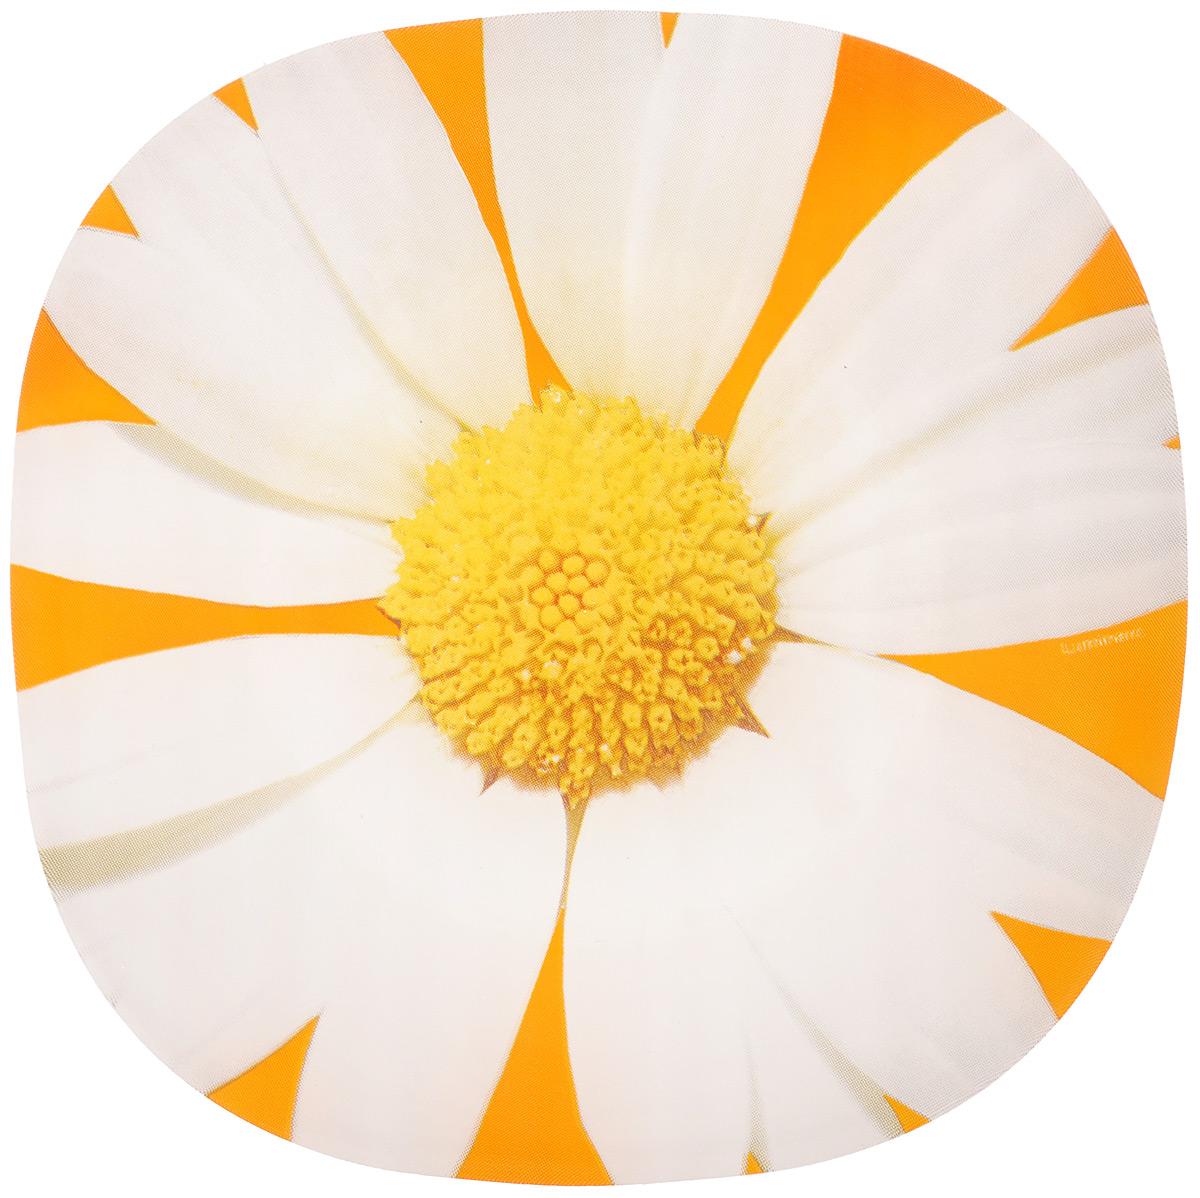 Тарелка десертная Luminarc Paquerette Melon, 18 х 18 смG5982Десертная тарелка Luminarc Paquerette Melon, изготовленная из ударопрочного стекла, декорирована красочным изображением ромашки. Такая тарелка прекрасно подходит как для торжественных случаев, так и для повседневного использования. Идеальна для подачи десертов, пирожных, тортов и многого другого. Она прекрасно оформит стол и станет отличным дополнением к вашей коллекции кухонной посуды. Можно использовать в СВЧ и мыть в посудомоечной машине. Размер тарелки: 18 х 18 см. Высота тарелки: 1,5 см.